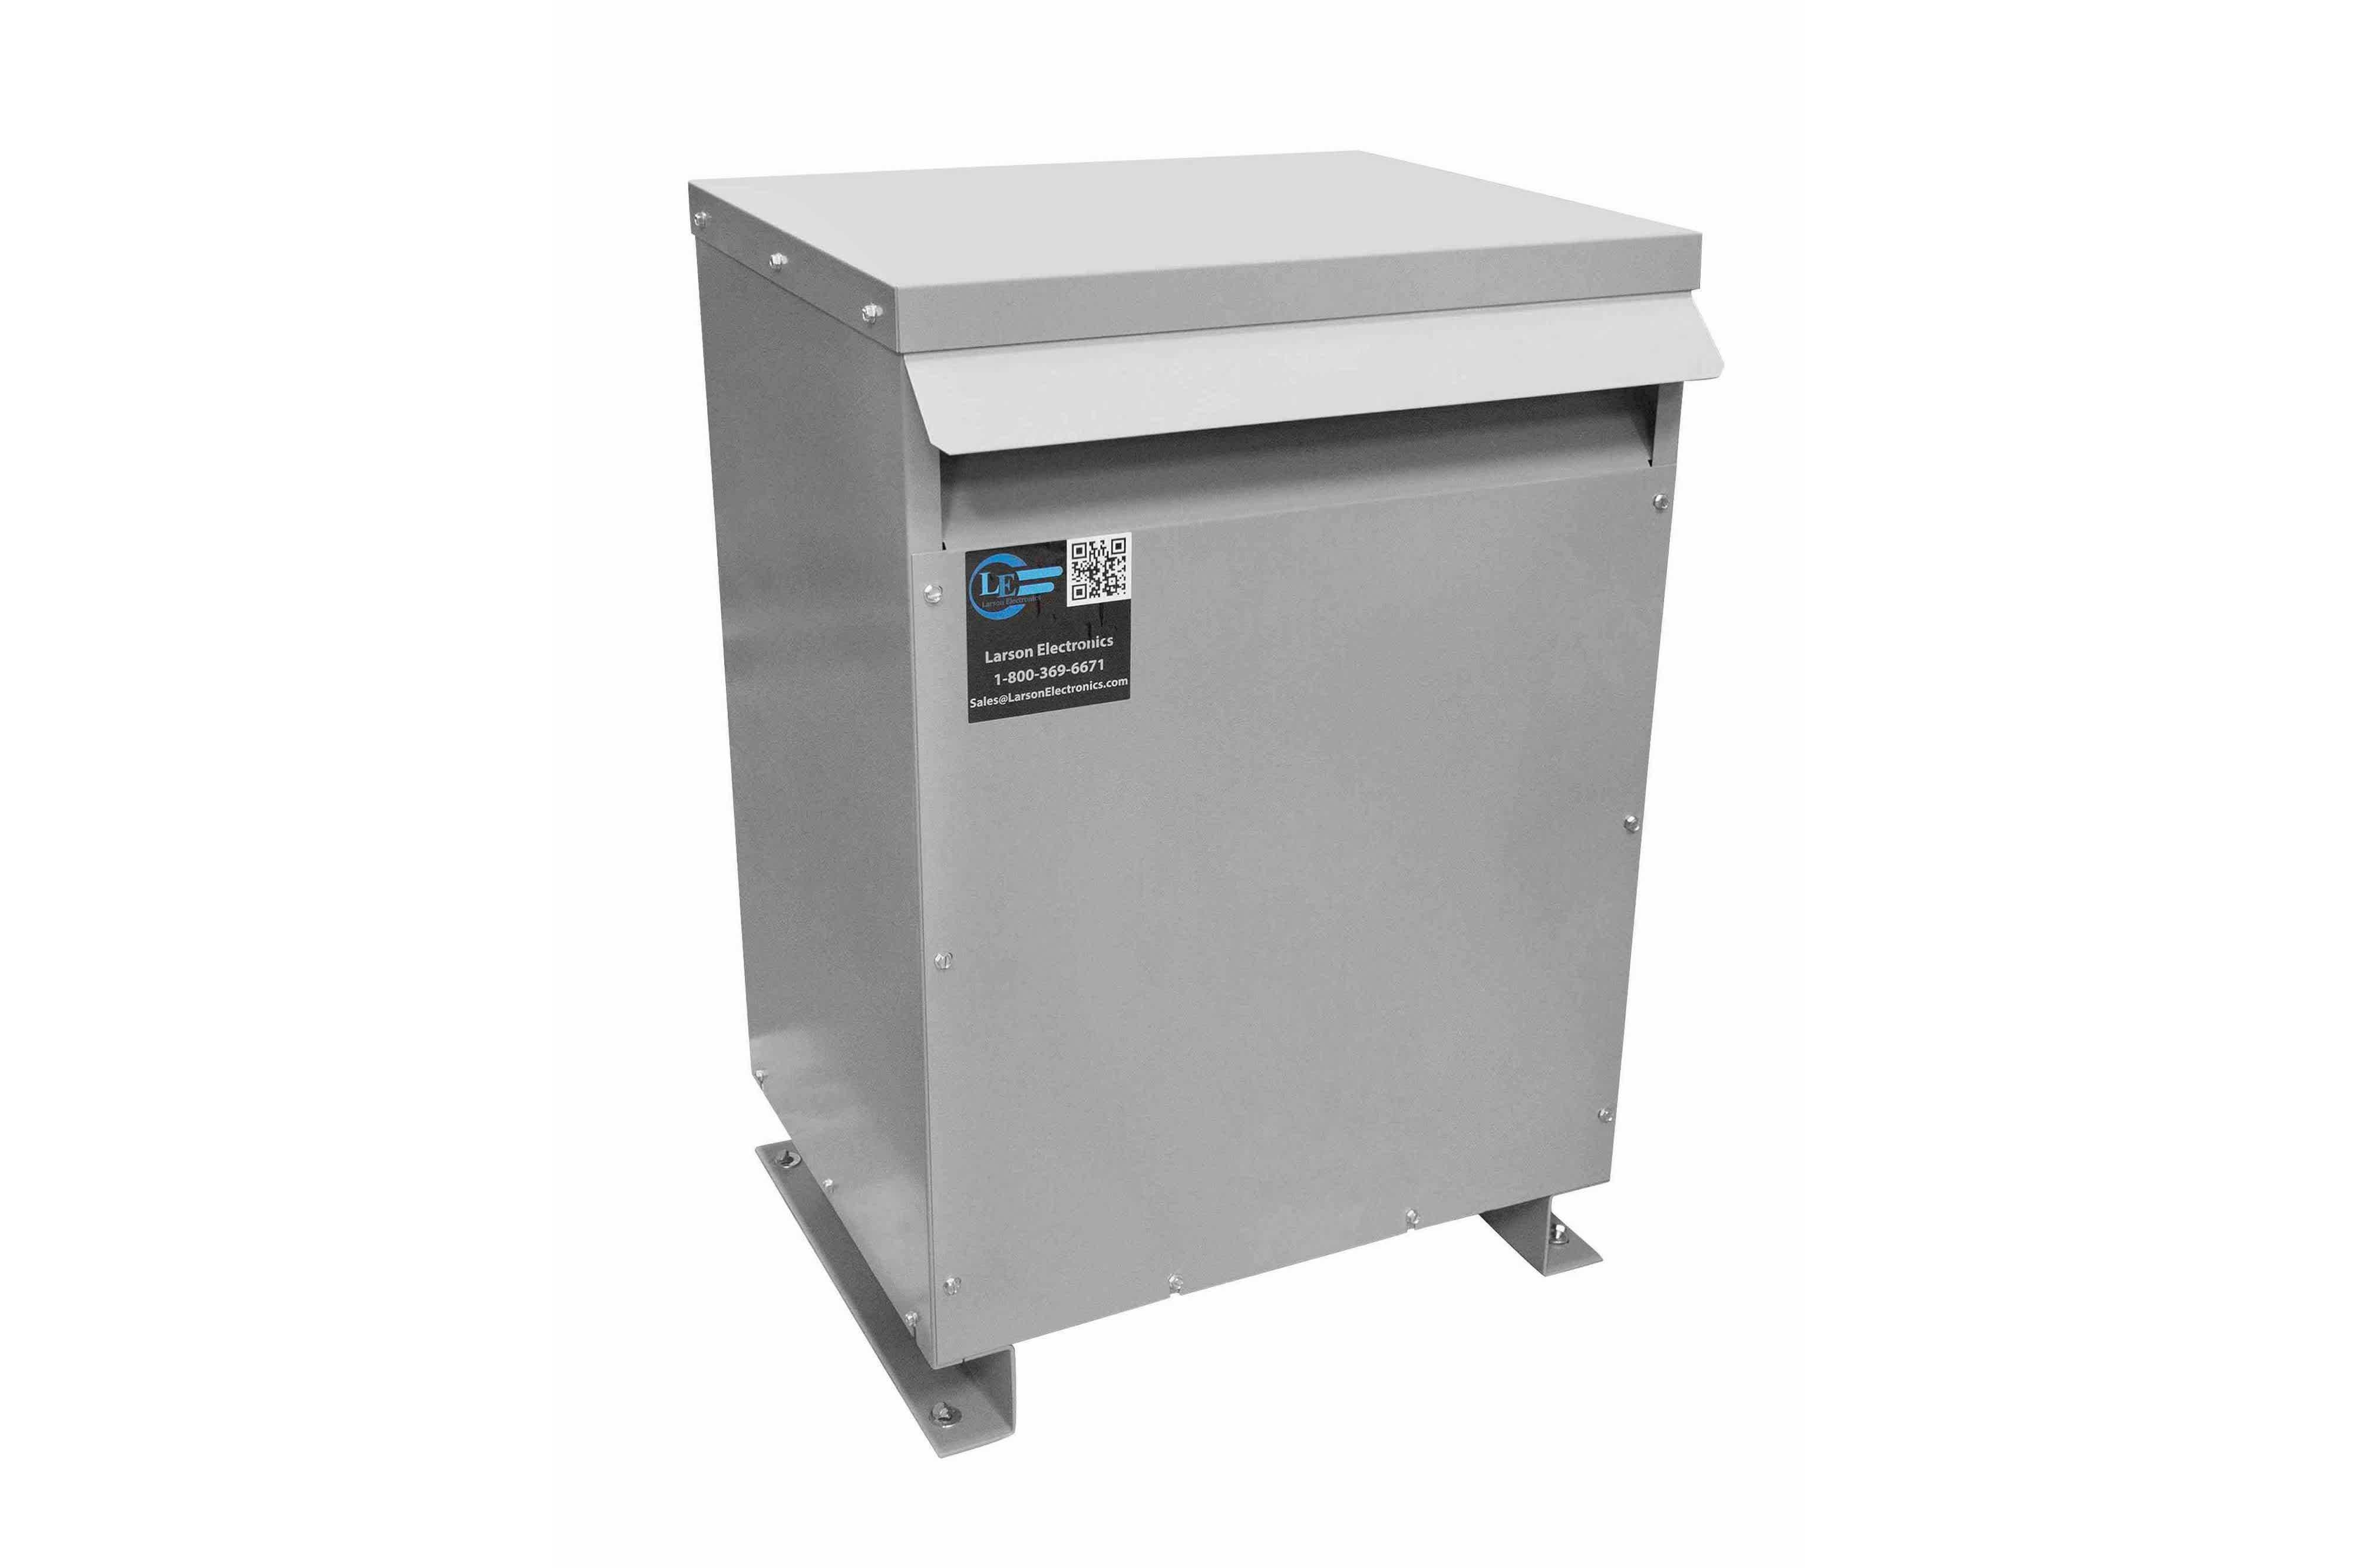 125 kVA 3PH Isolation Transformer, 415V Delta Primary, 208V Delta Secondary, N3R, Ventilated, 60 Hz